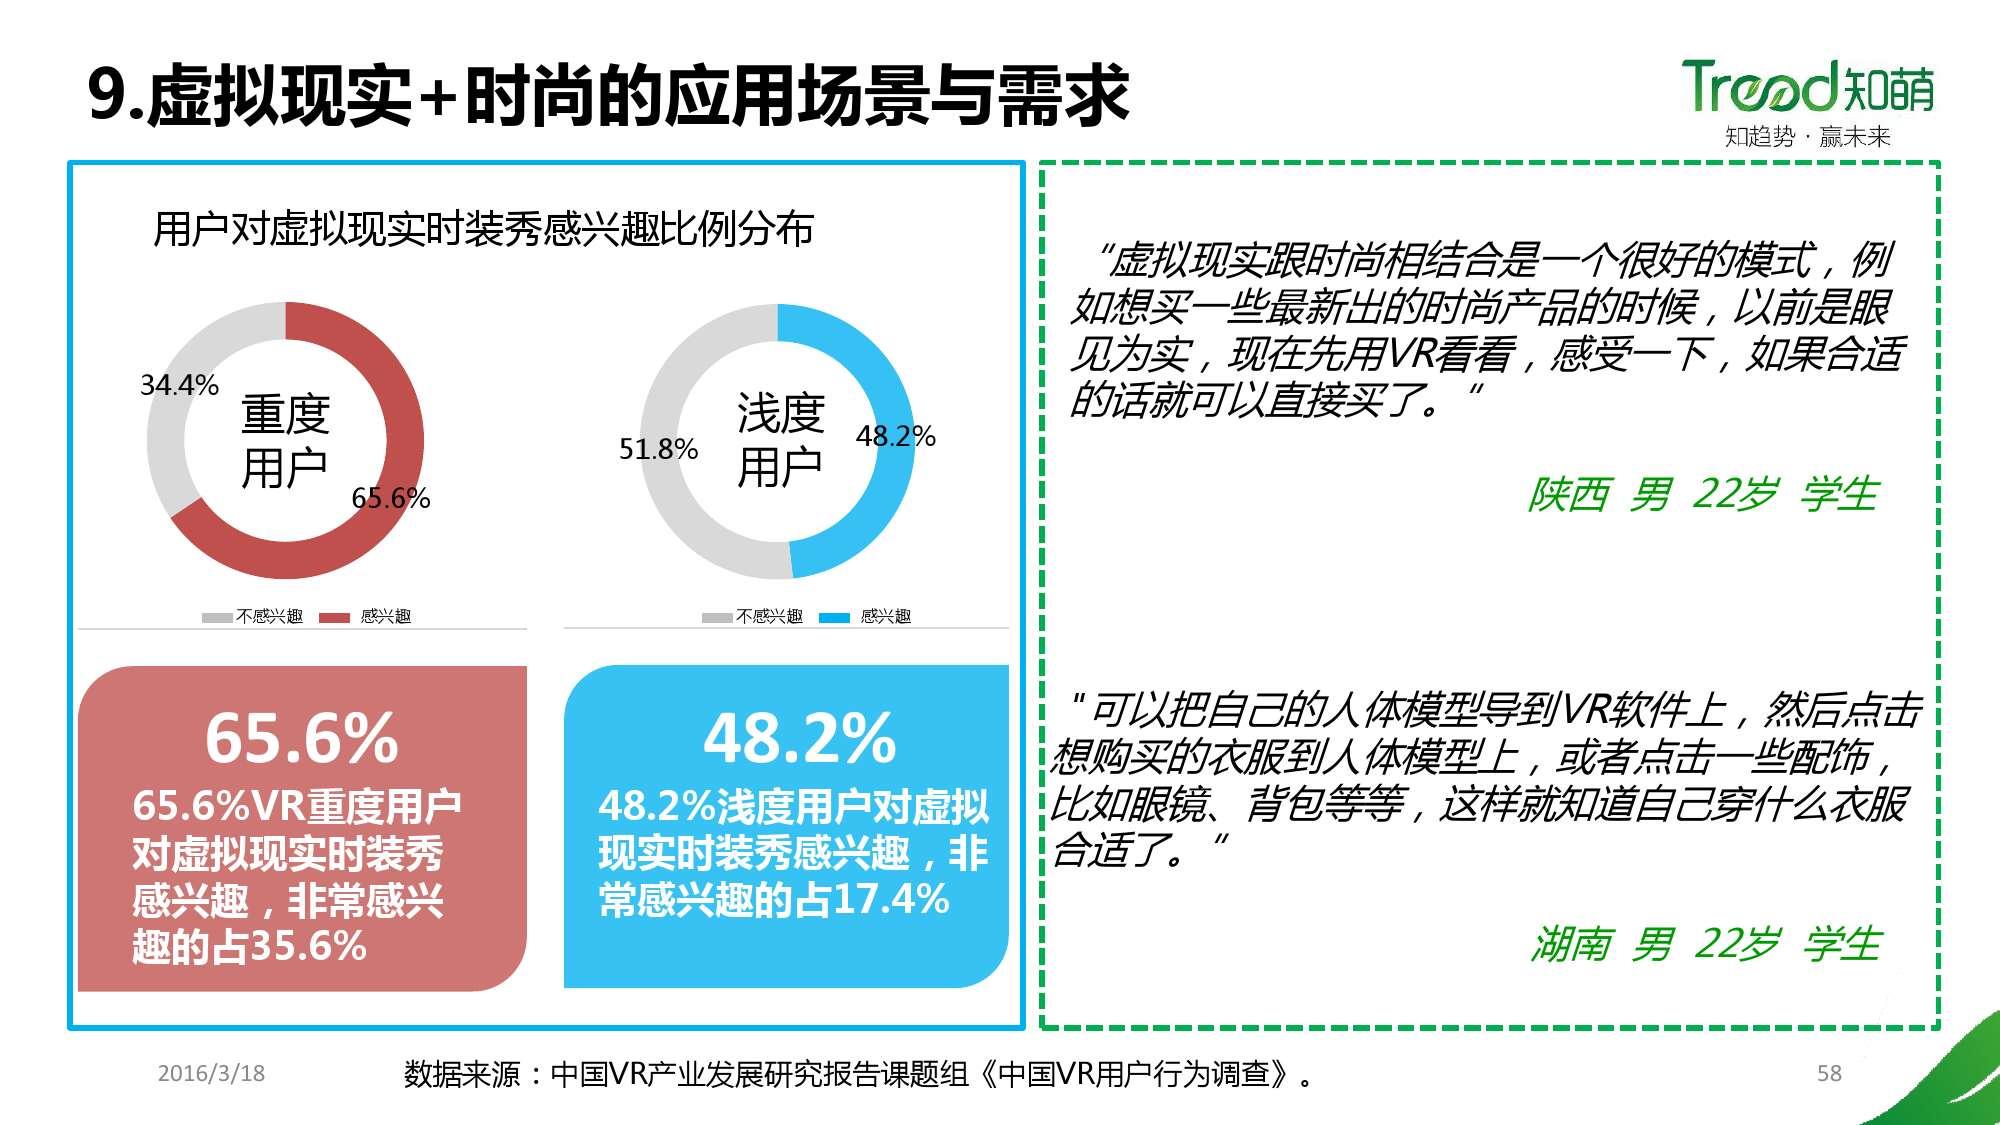 中国VR用户行为研究报告_000058